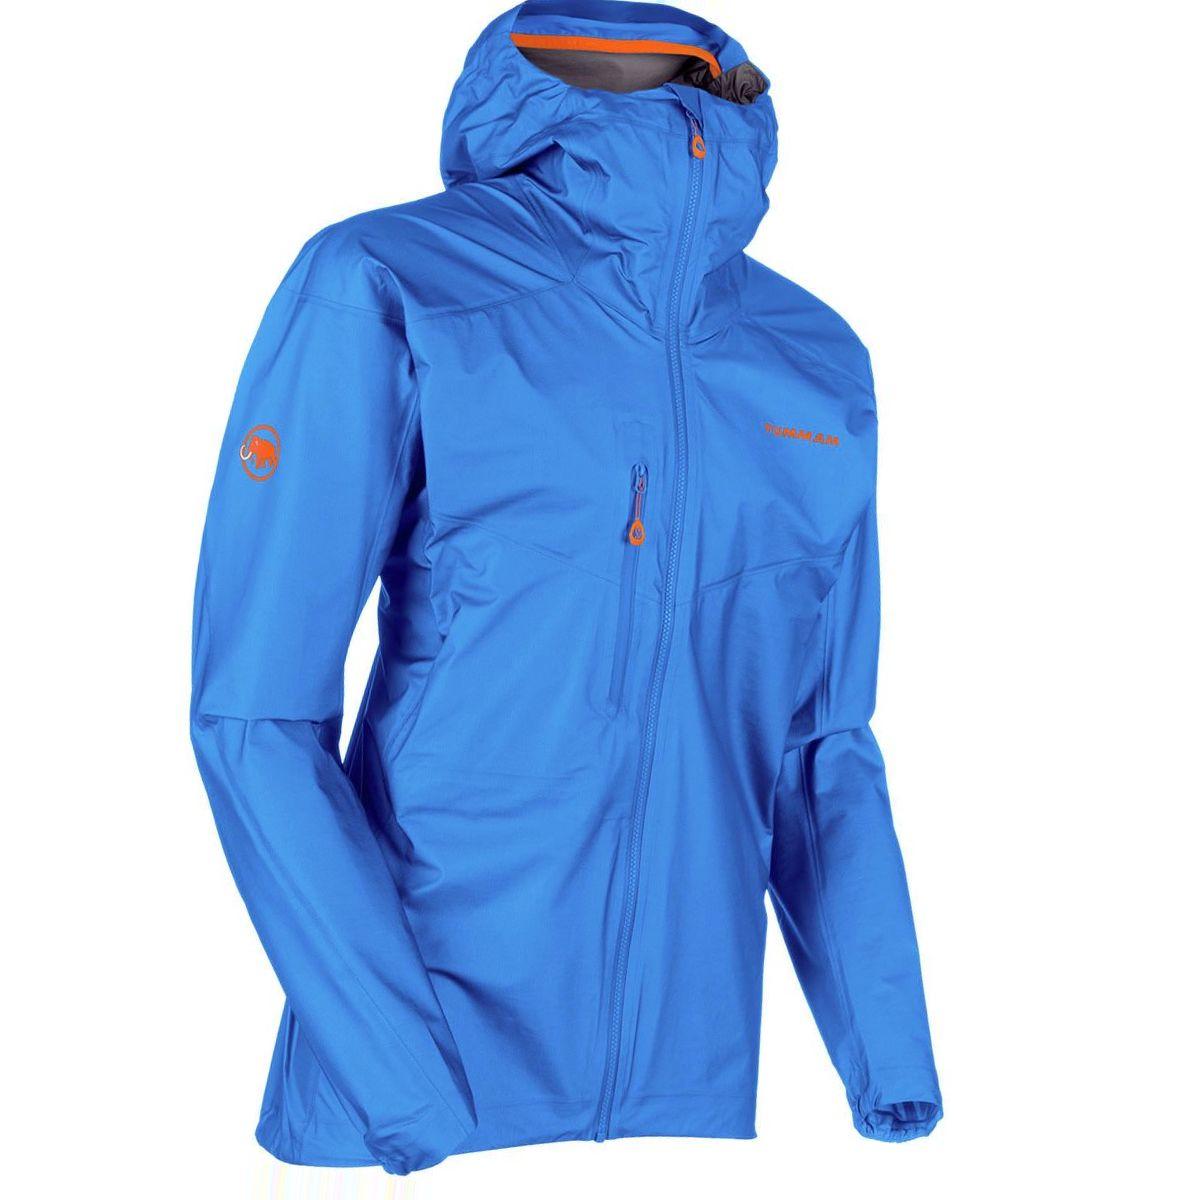 Mammut Nordwand Light HS Hooded Jacket - Men's